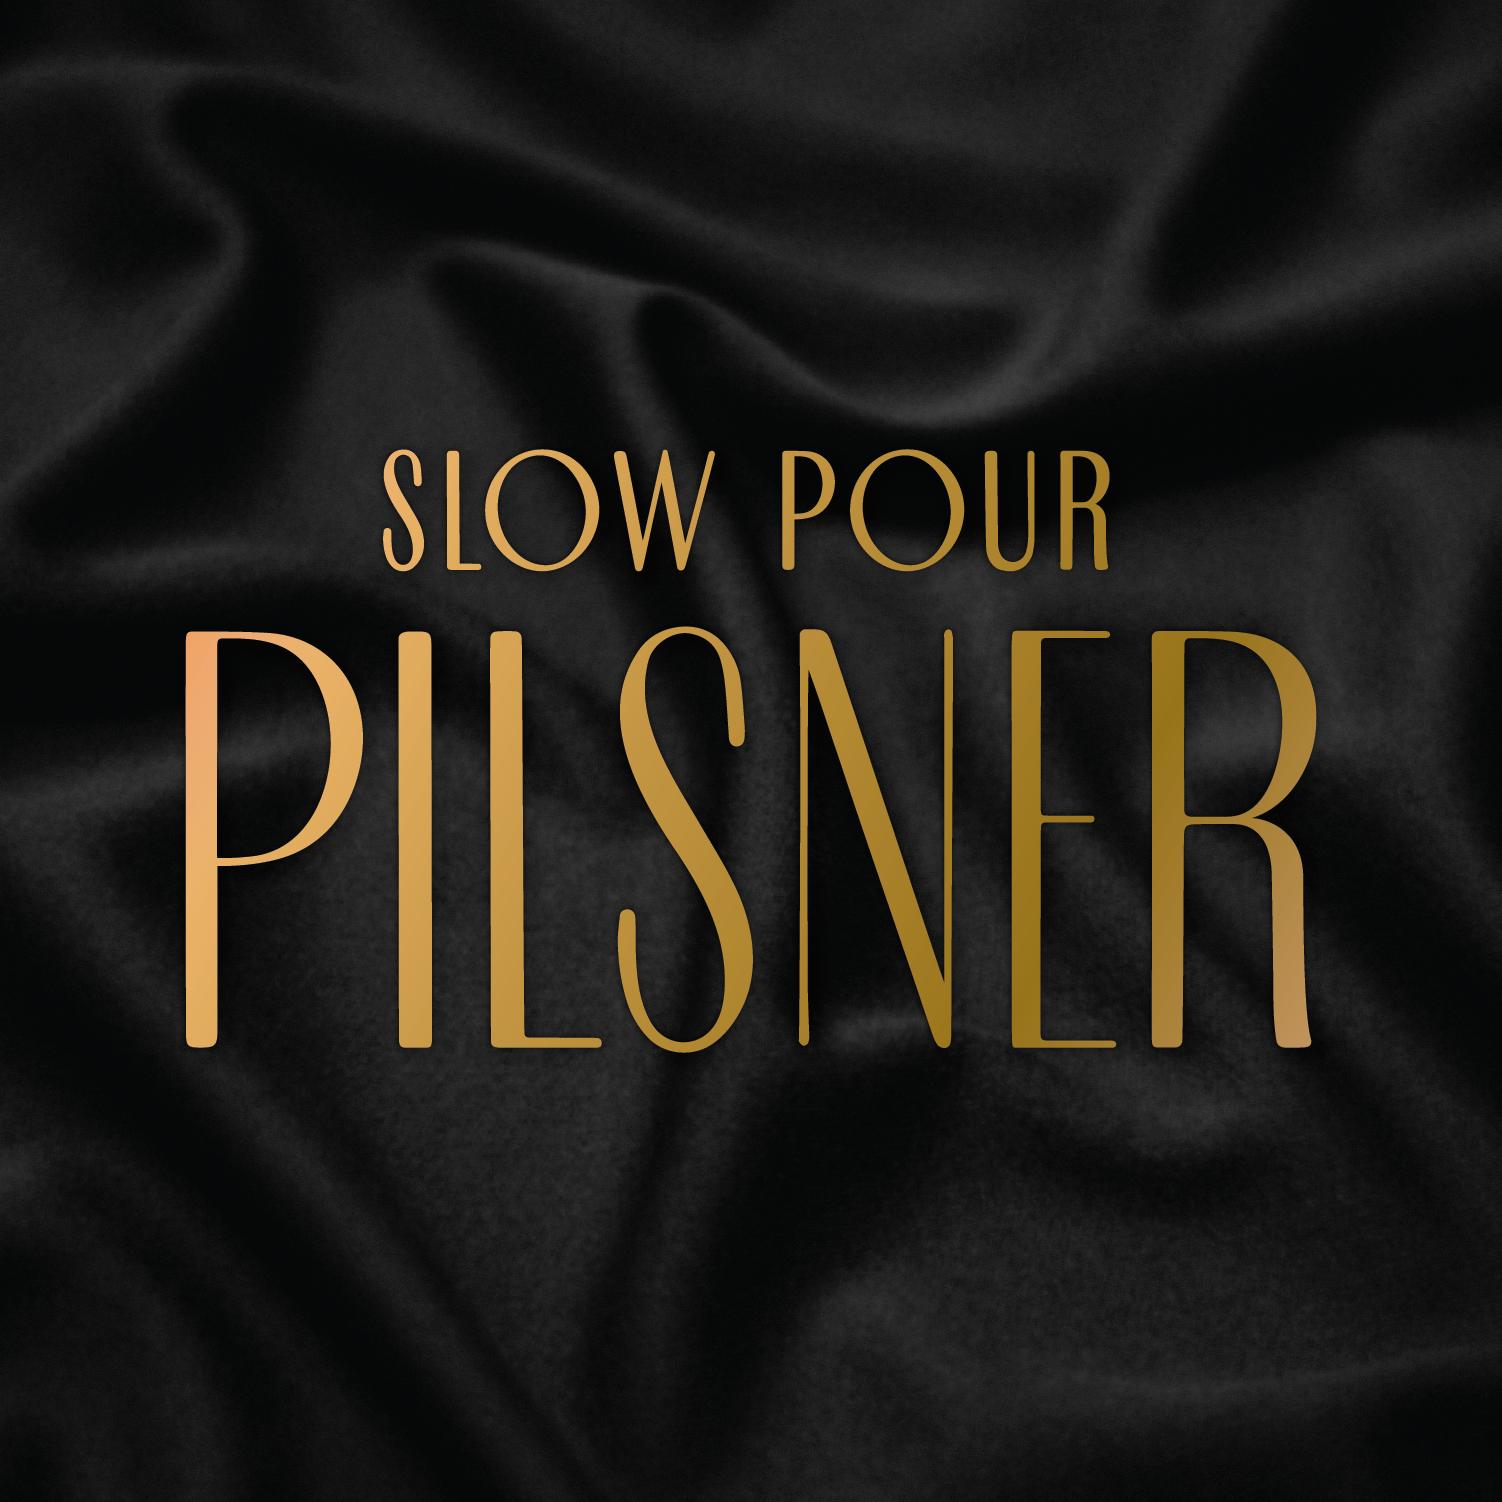 Slow_Pour_Pilsner_Square-01